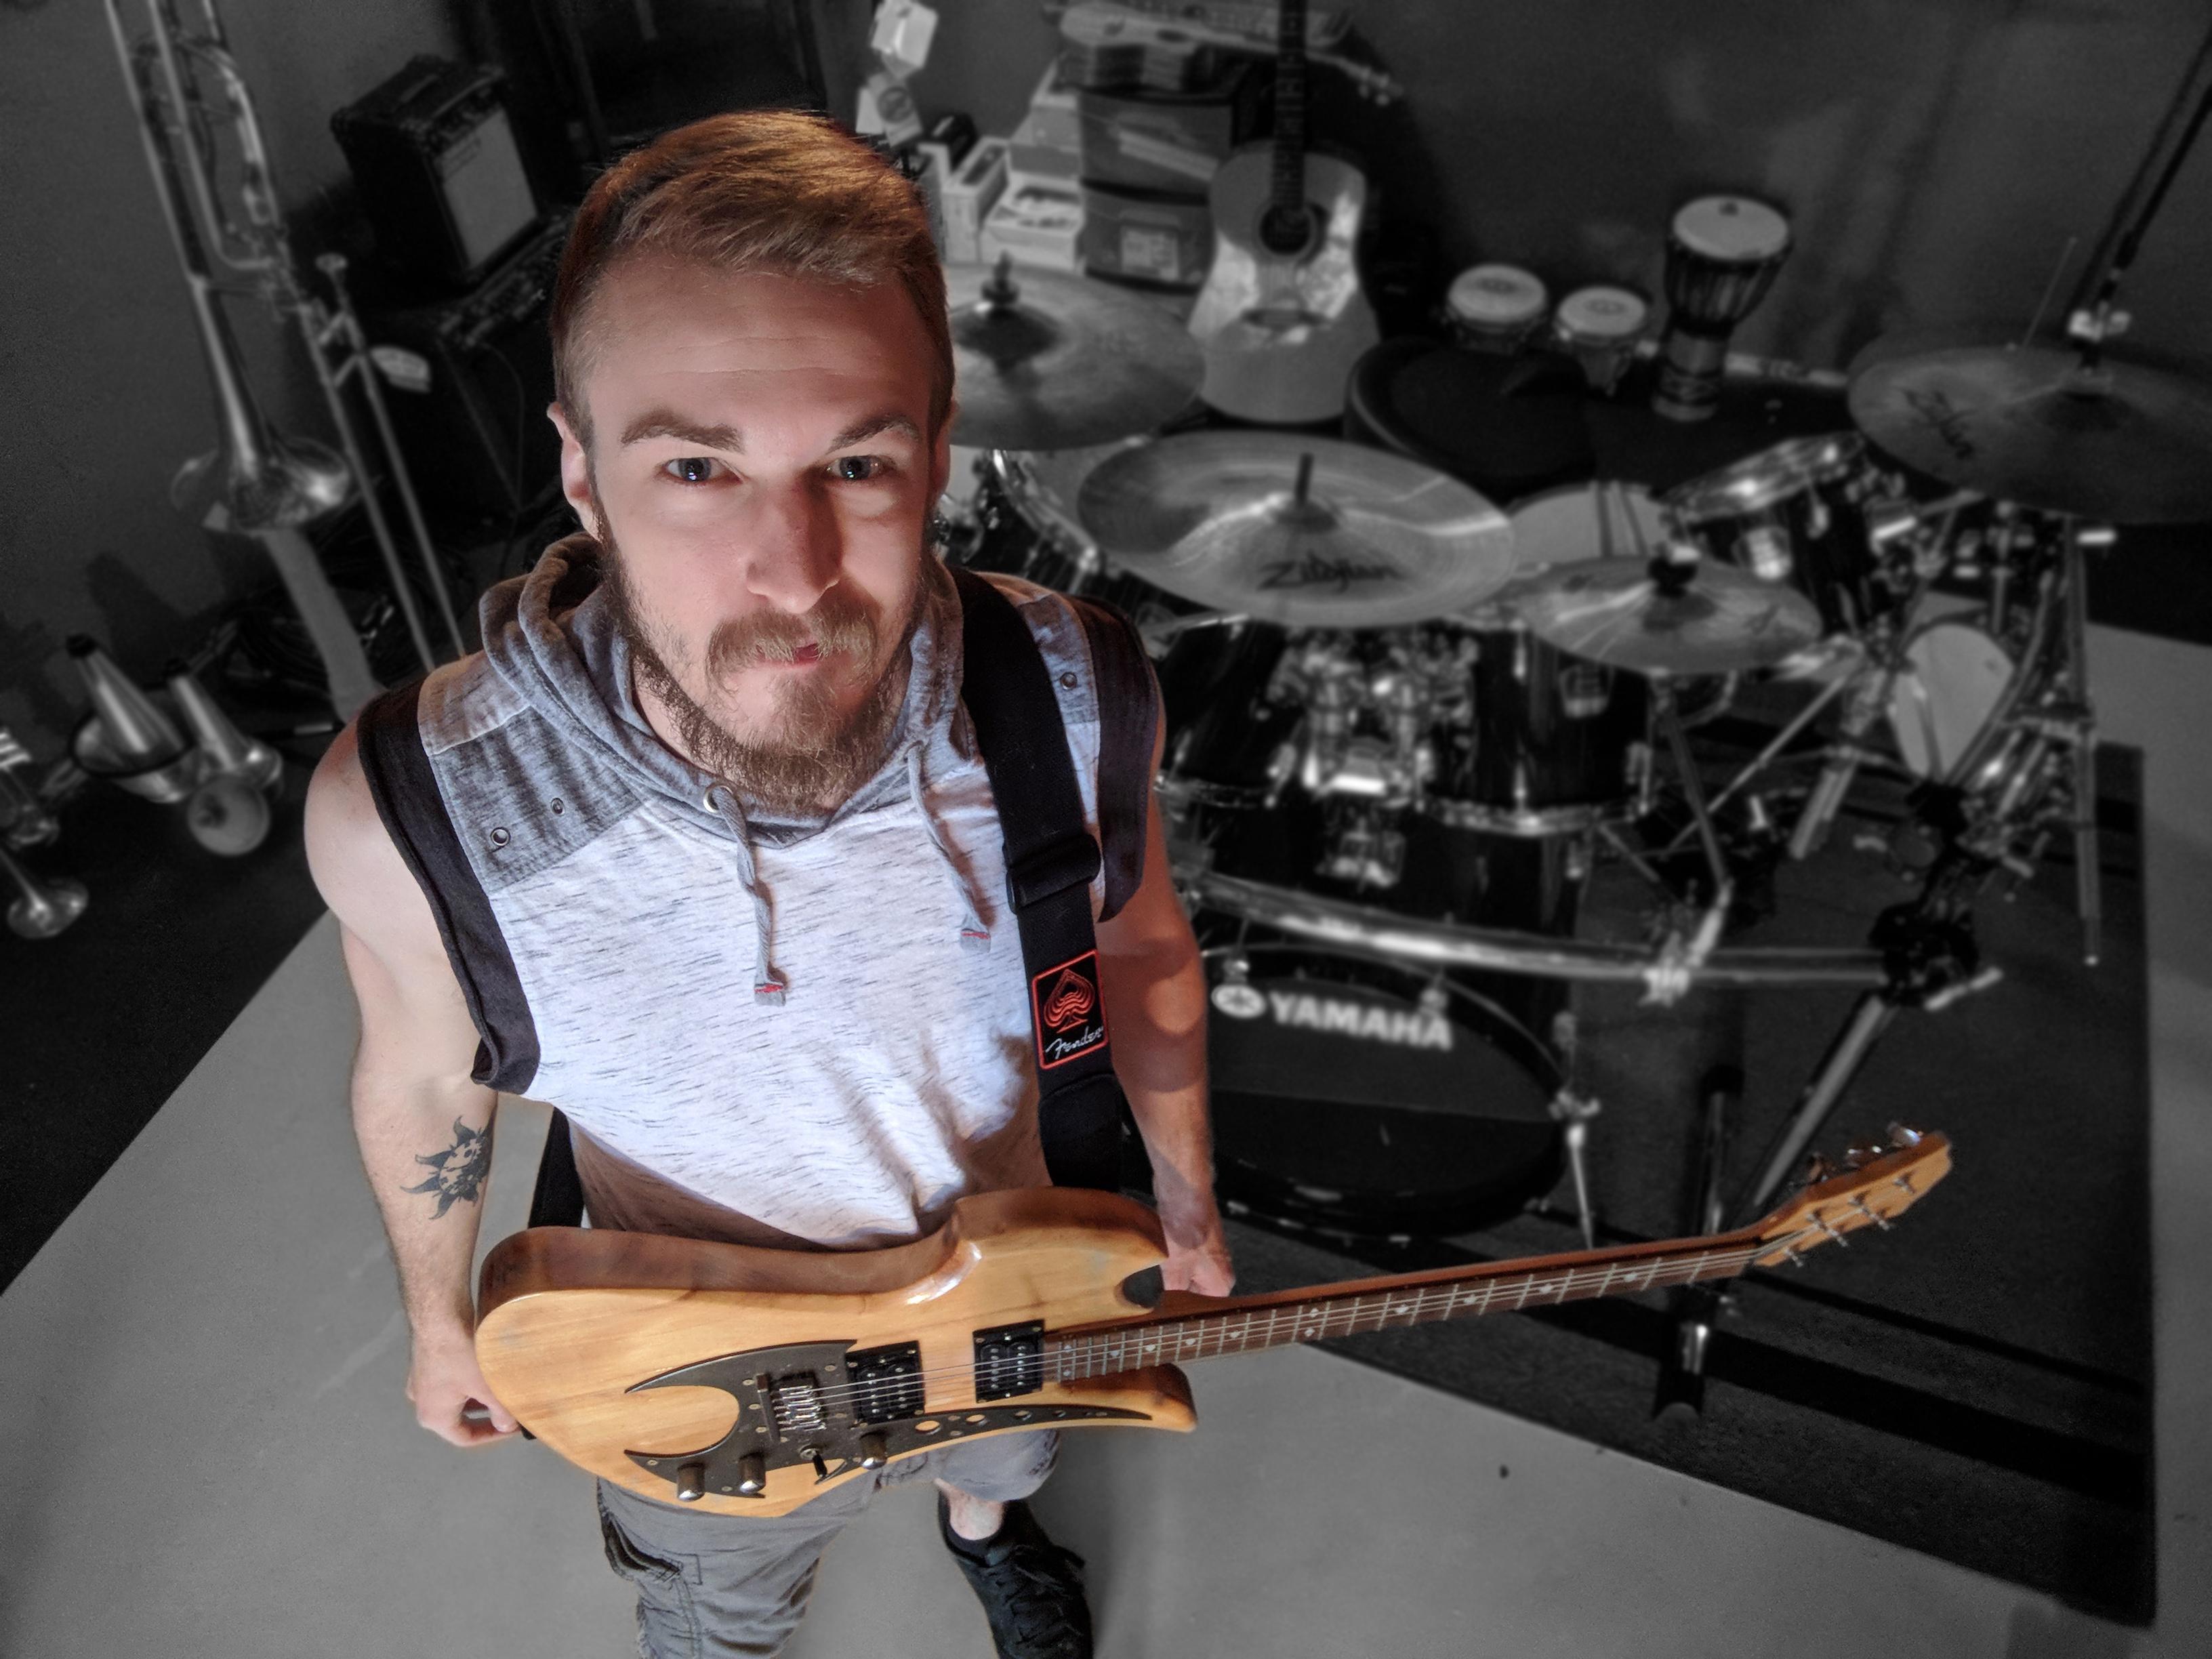 Ryan Willard - Guitars/Orchestration